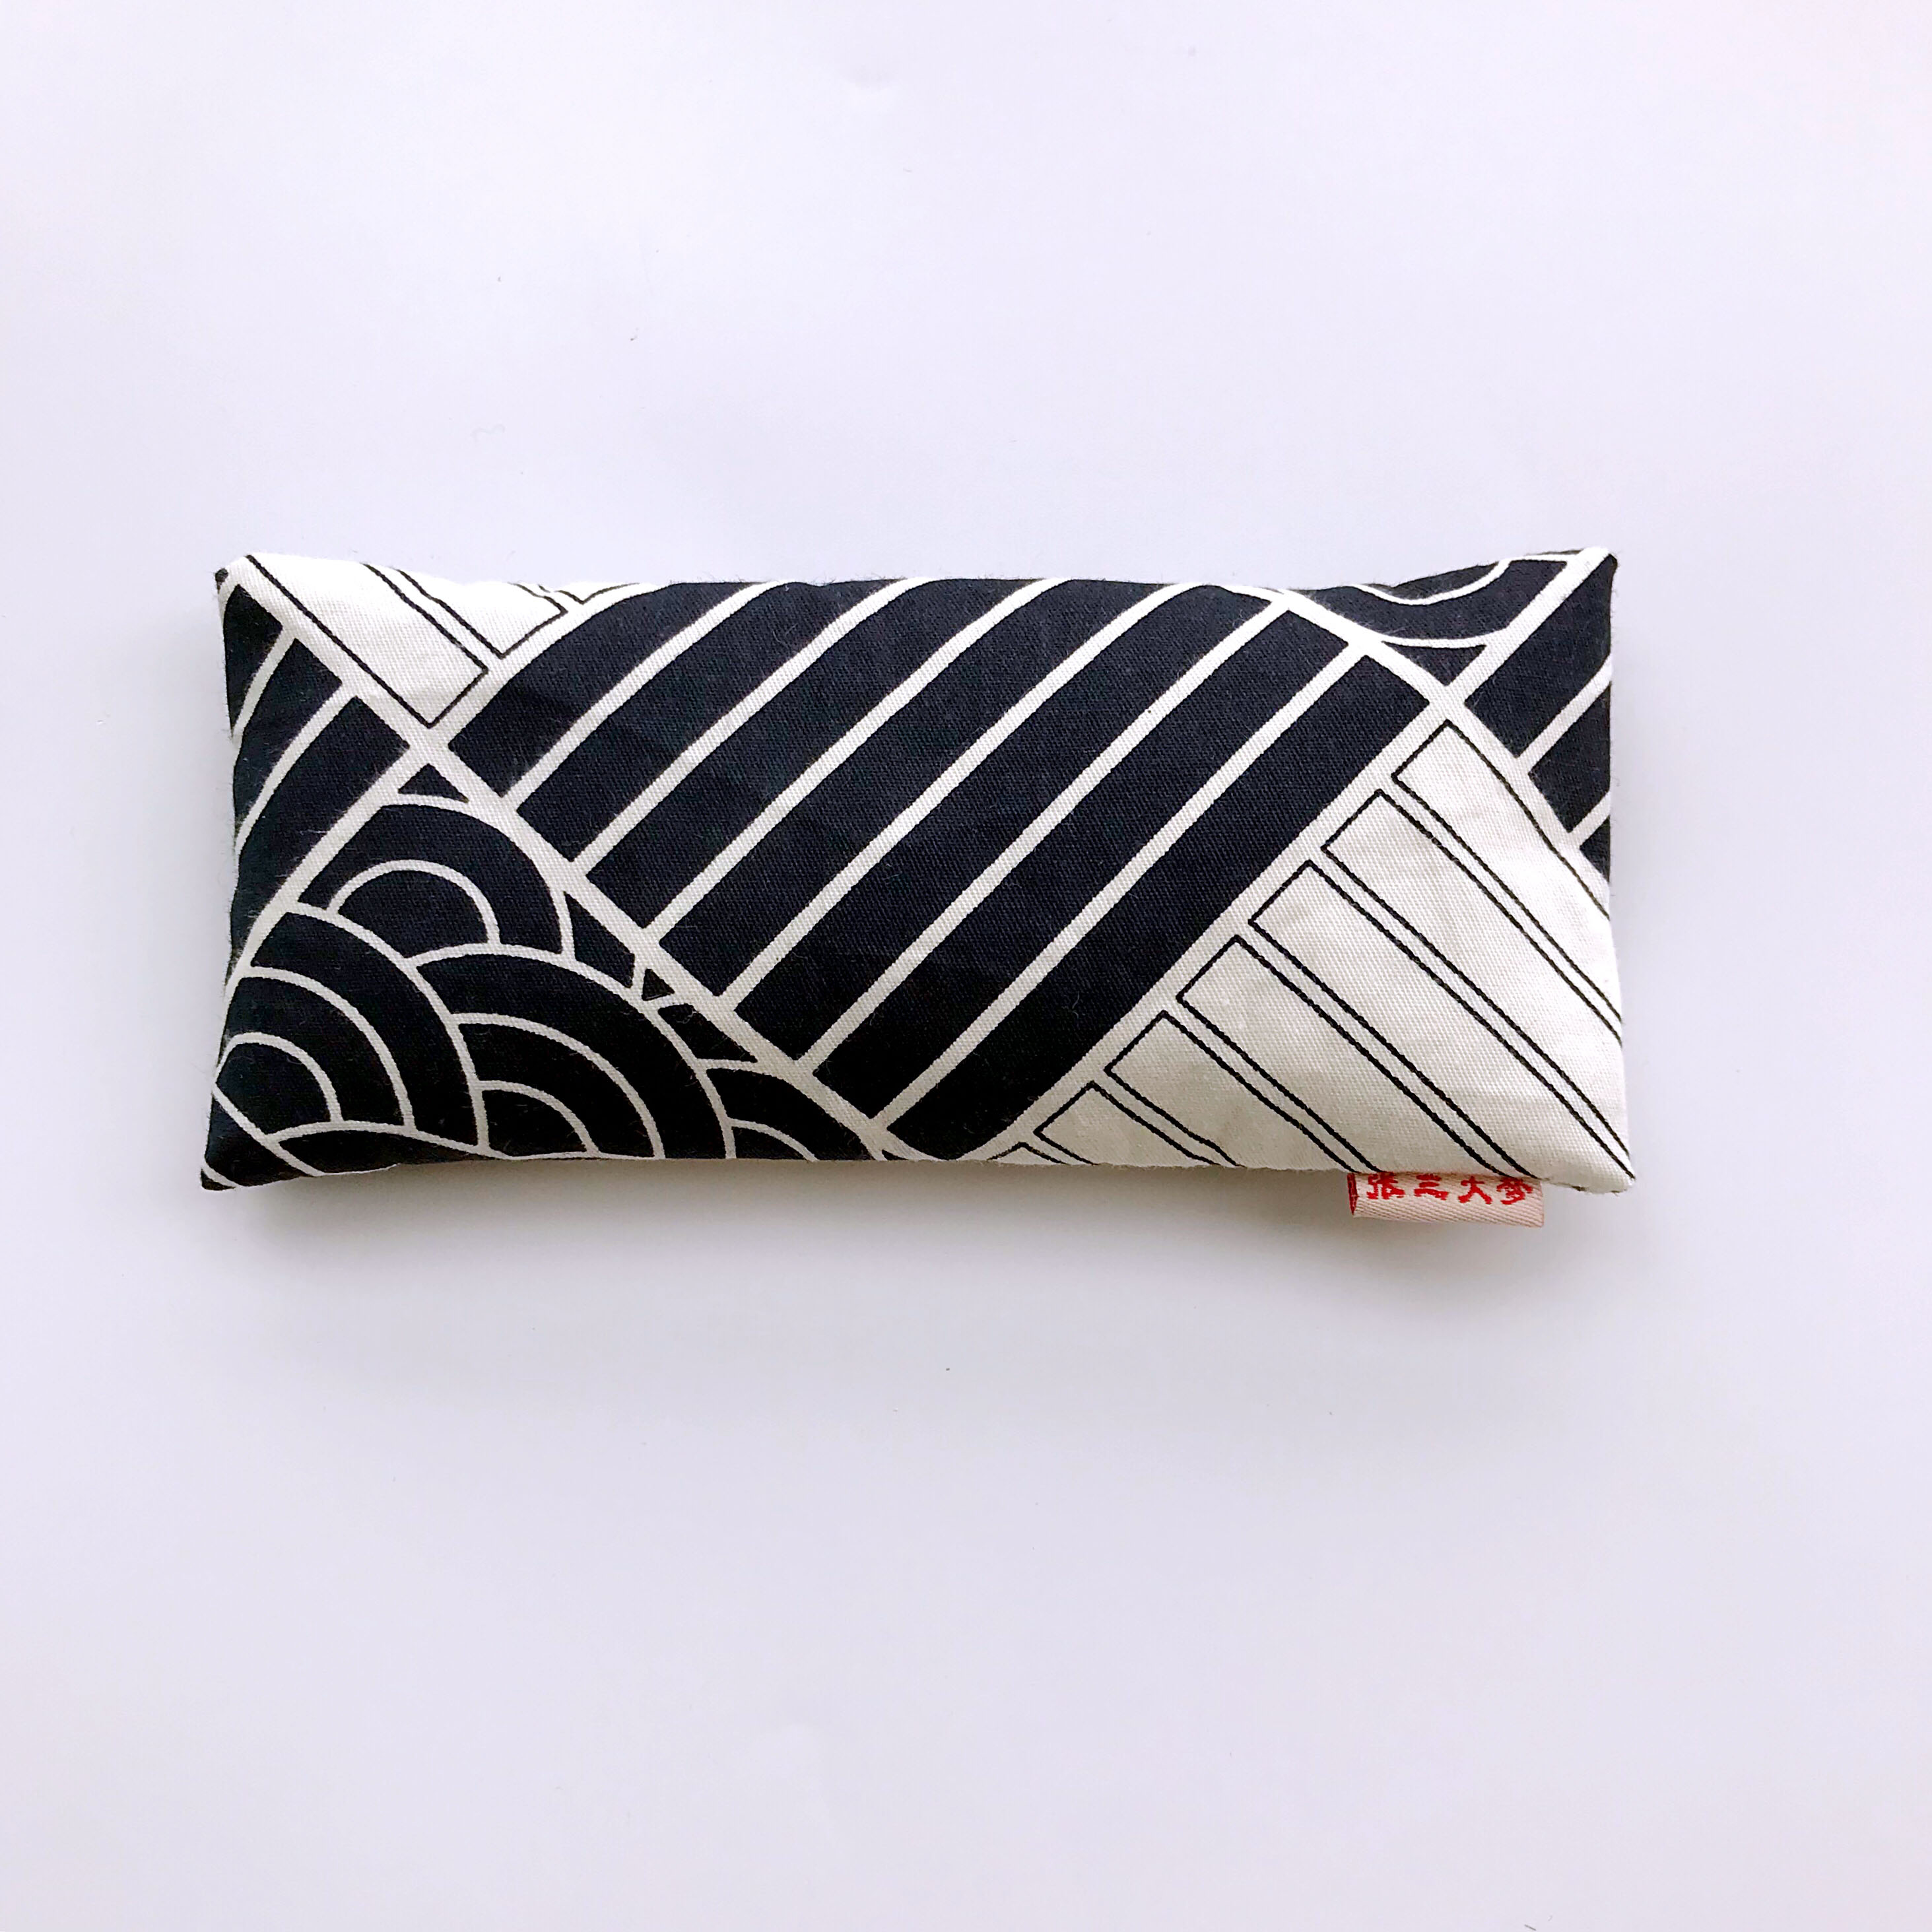 全棉手工鼠标护腕垫决明子手腕枕可拆洗布艺手枕托键盘护腕手枕托